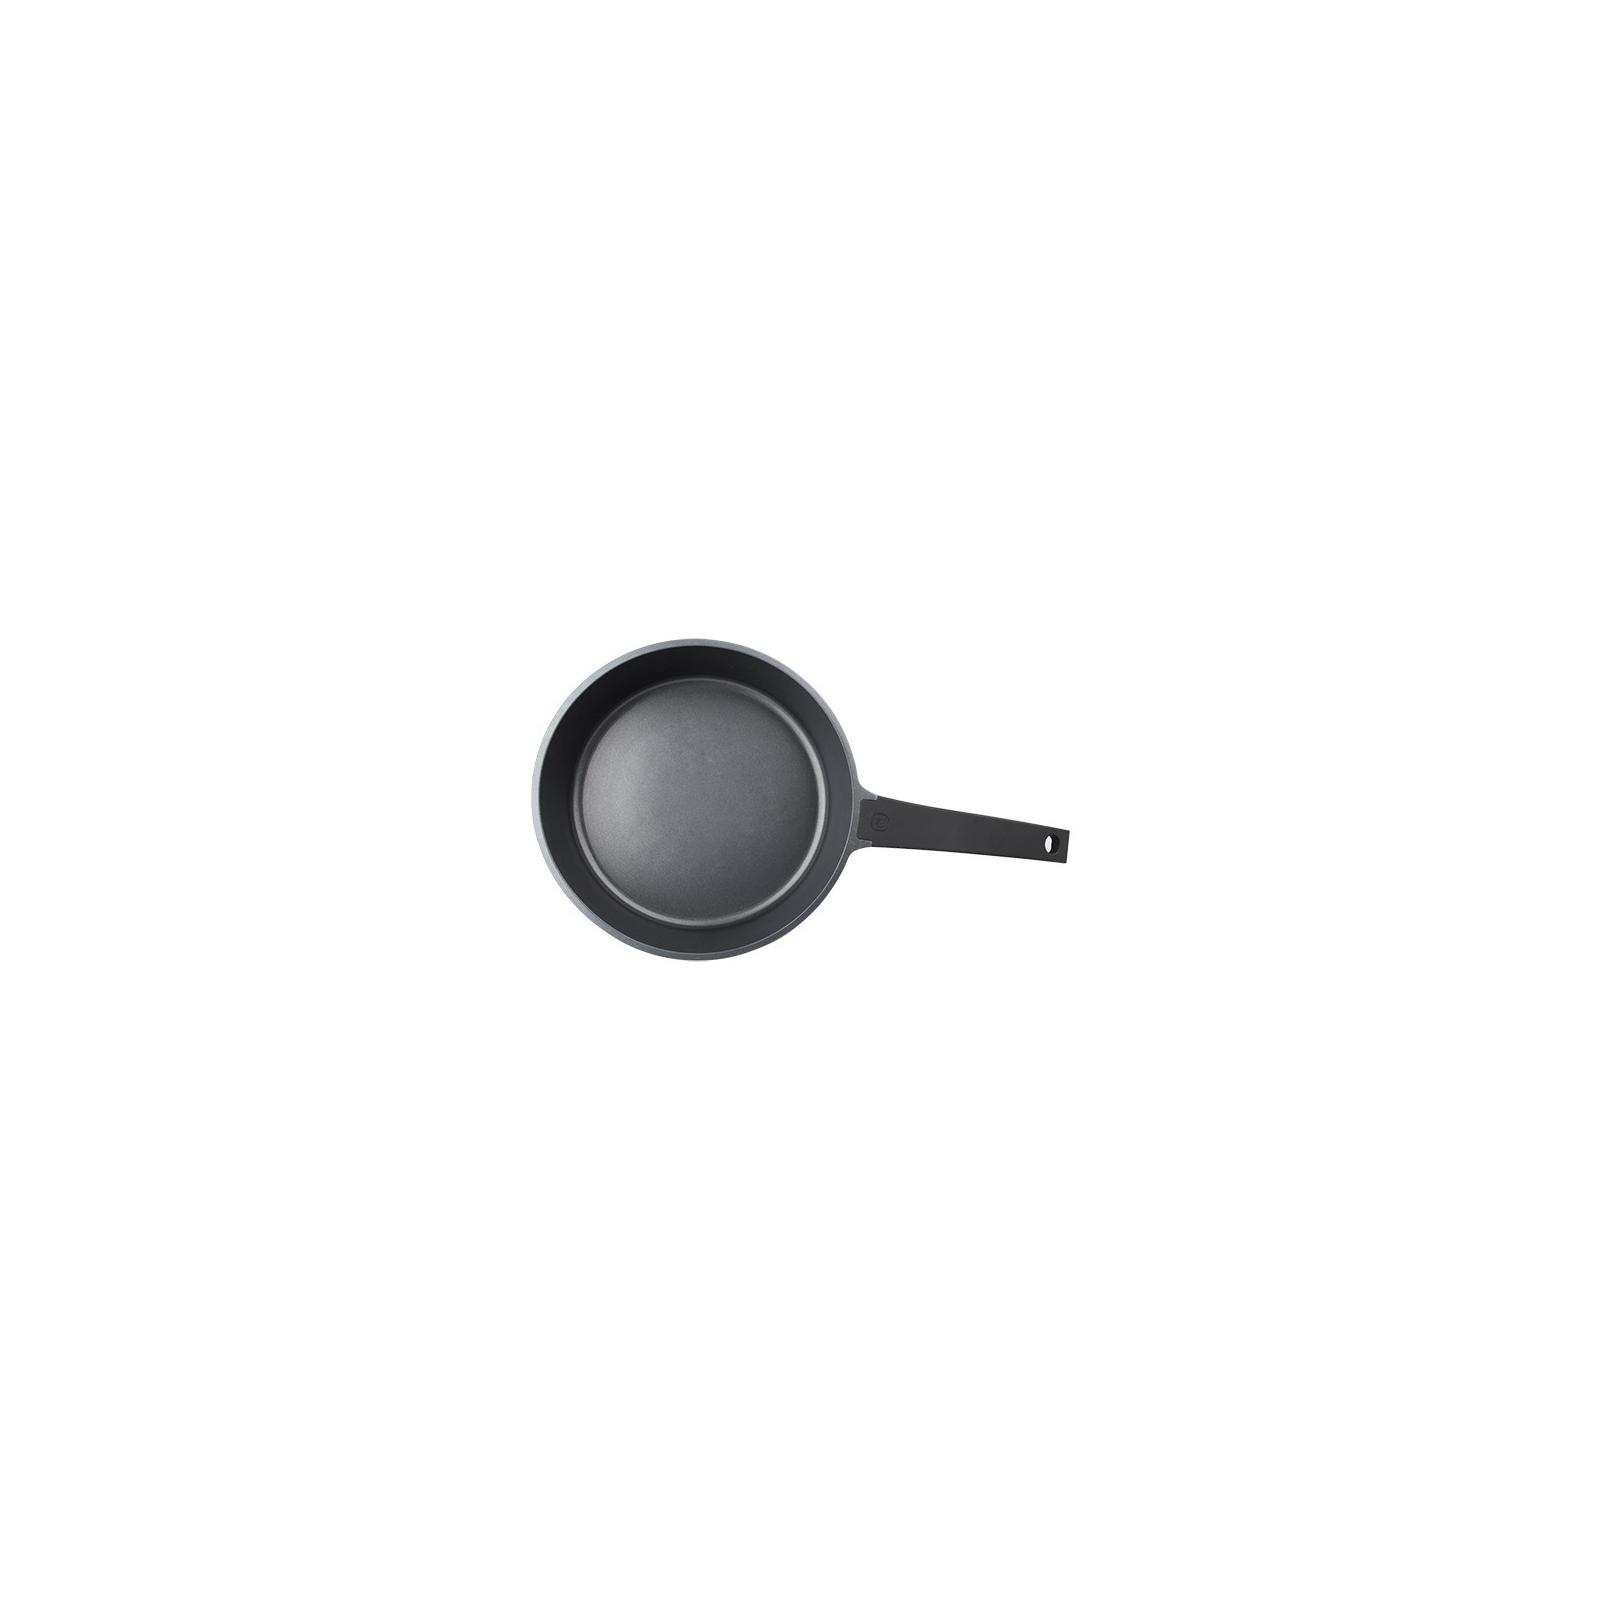 Сковорода Rondell Walzer 24 см (RDA-767) изображение 3